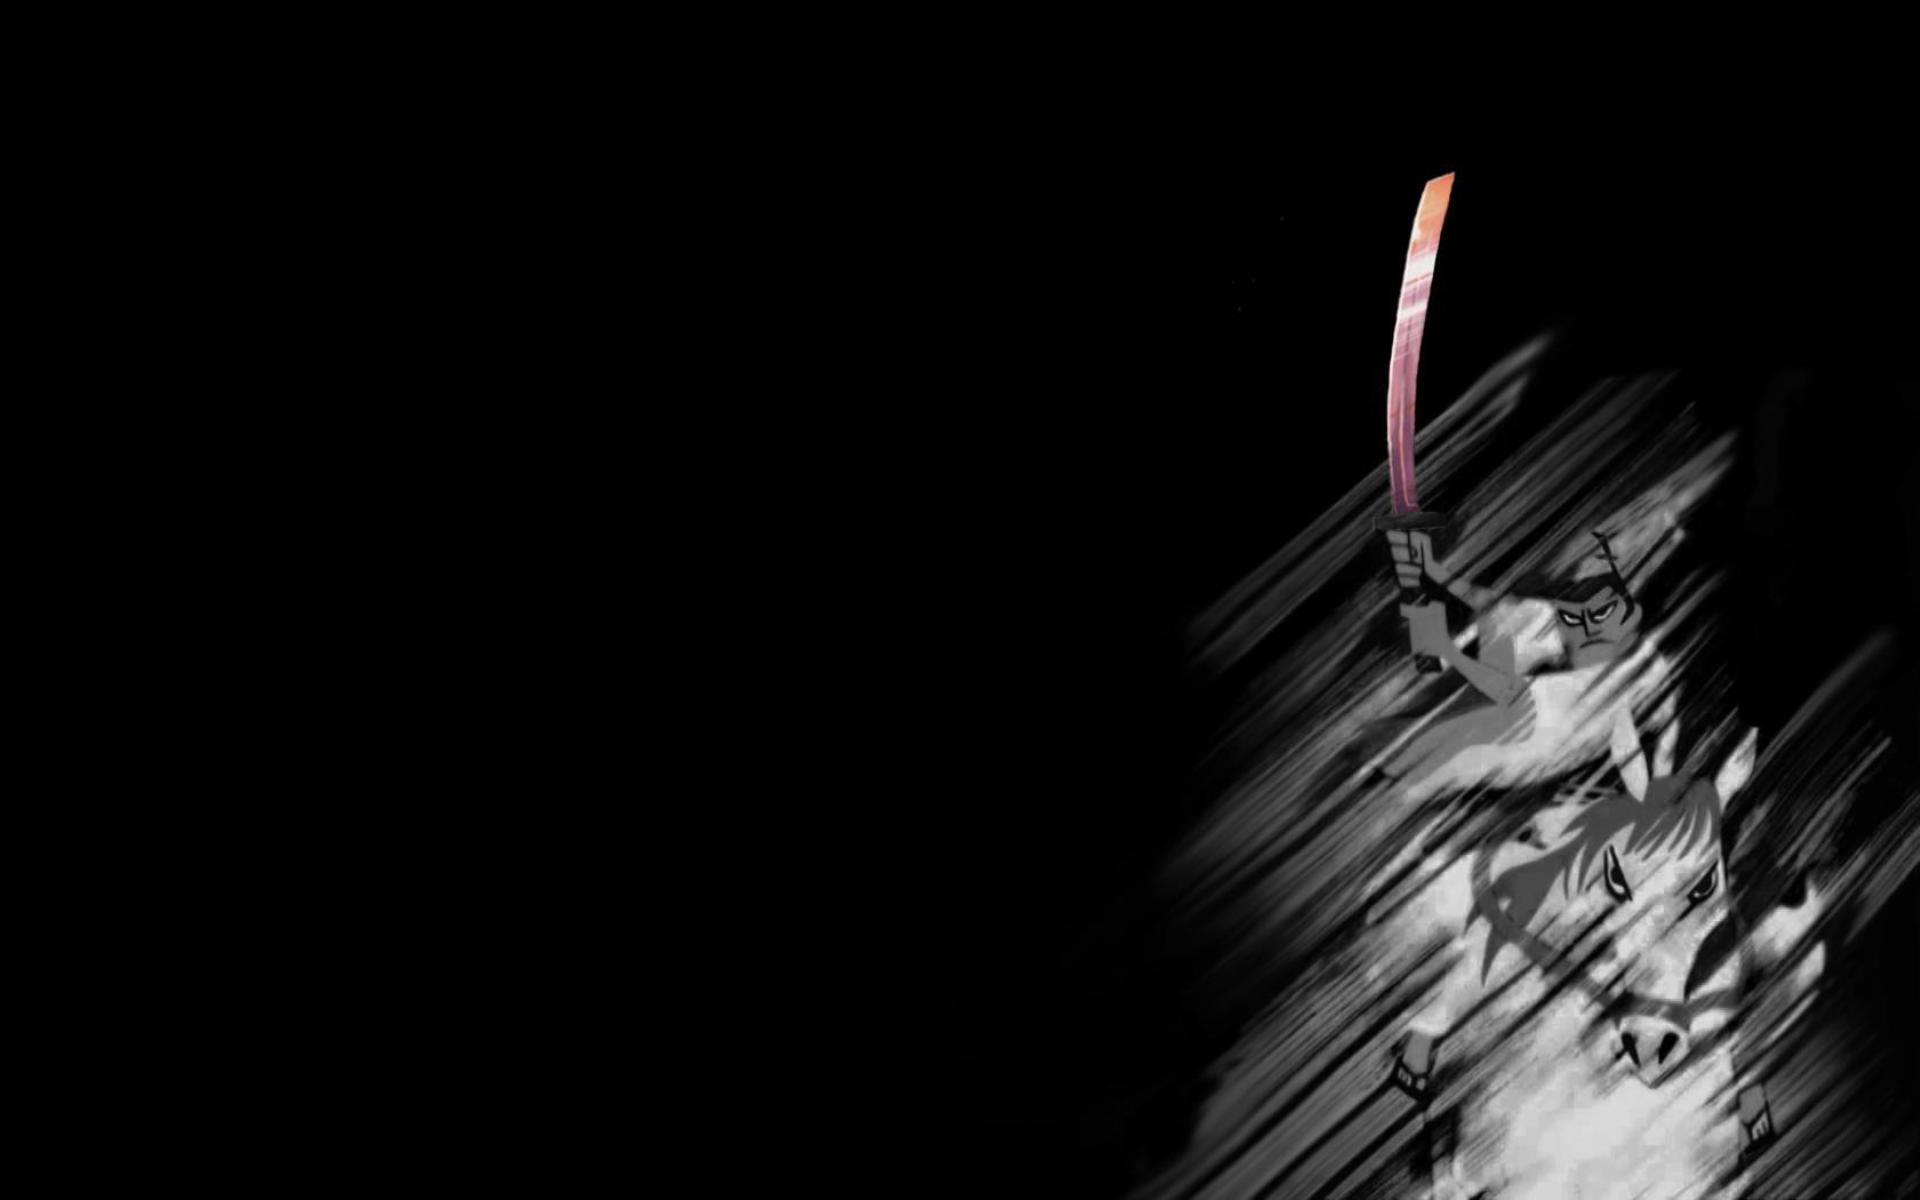 Samurai Jack wallpaper 1920x1200 249200 WallpaperUP 1920x1200